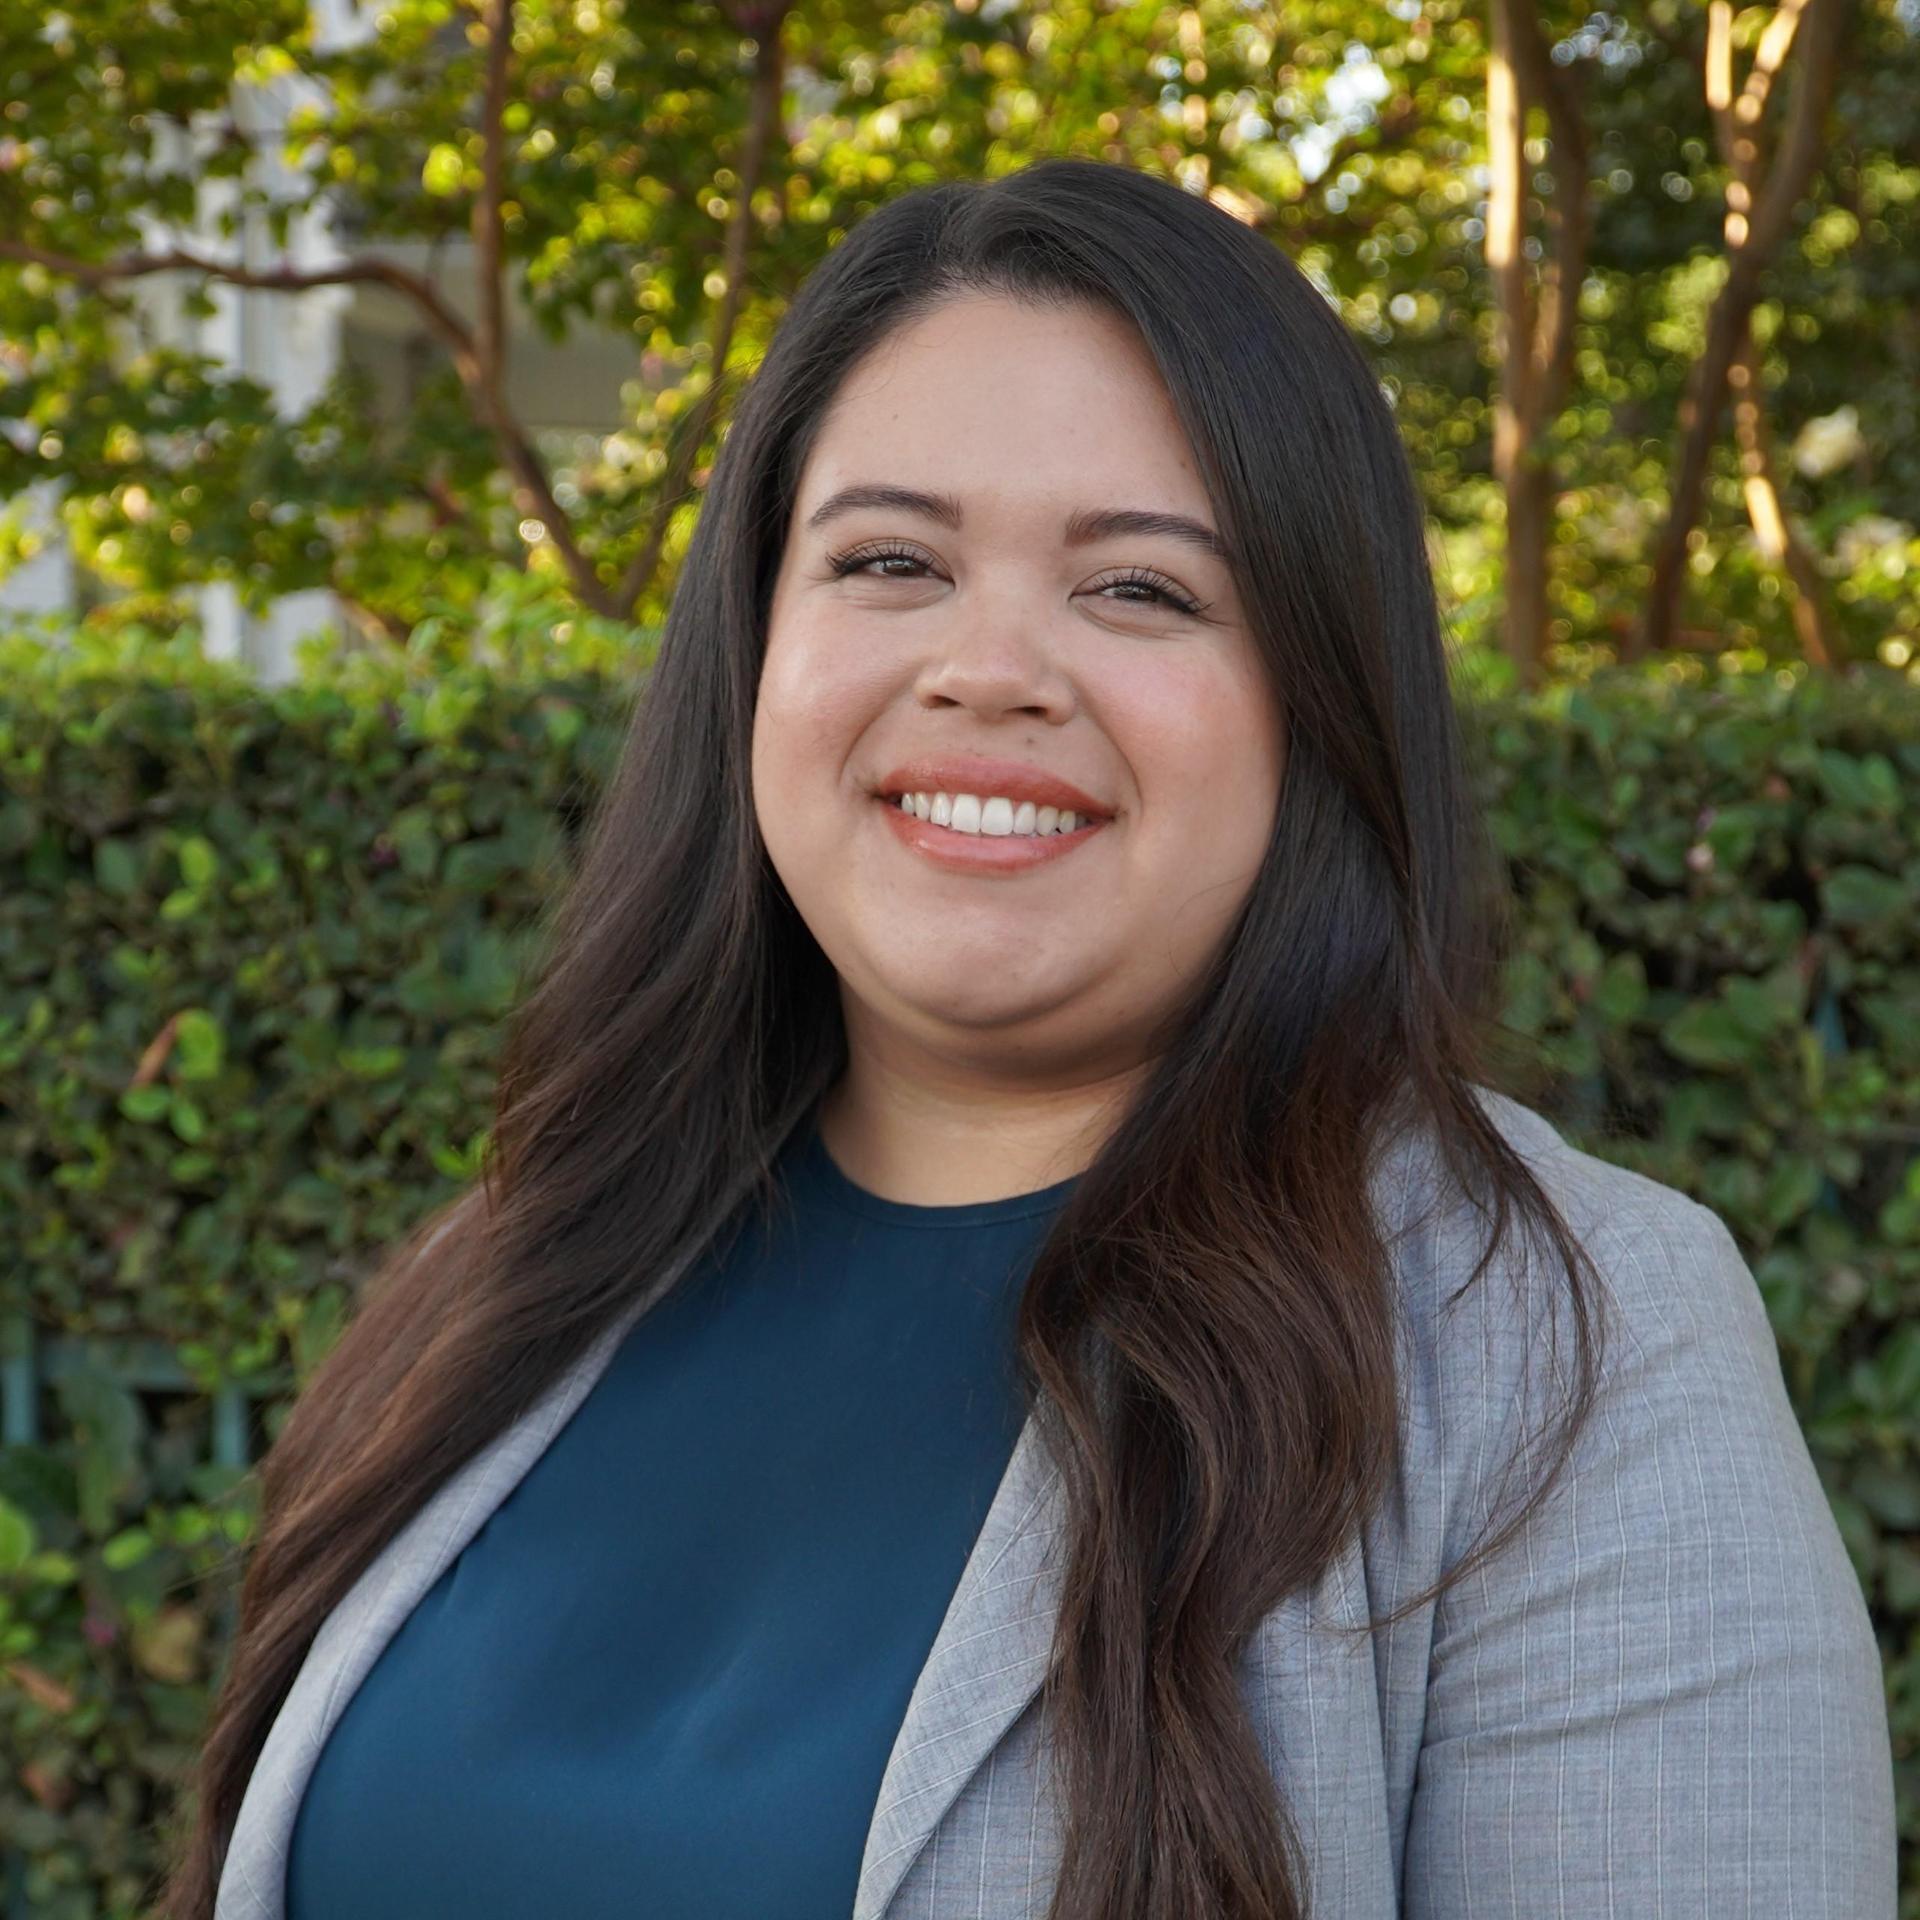 Paige Logue - Administrative Secretary II